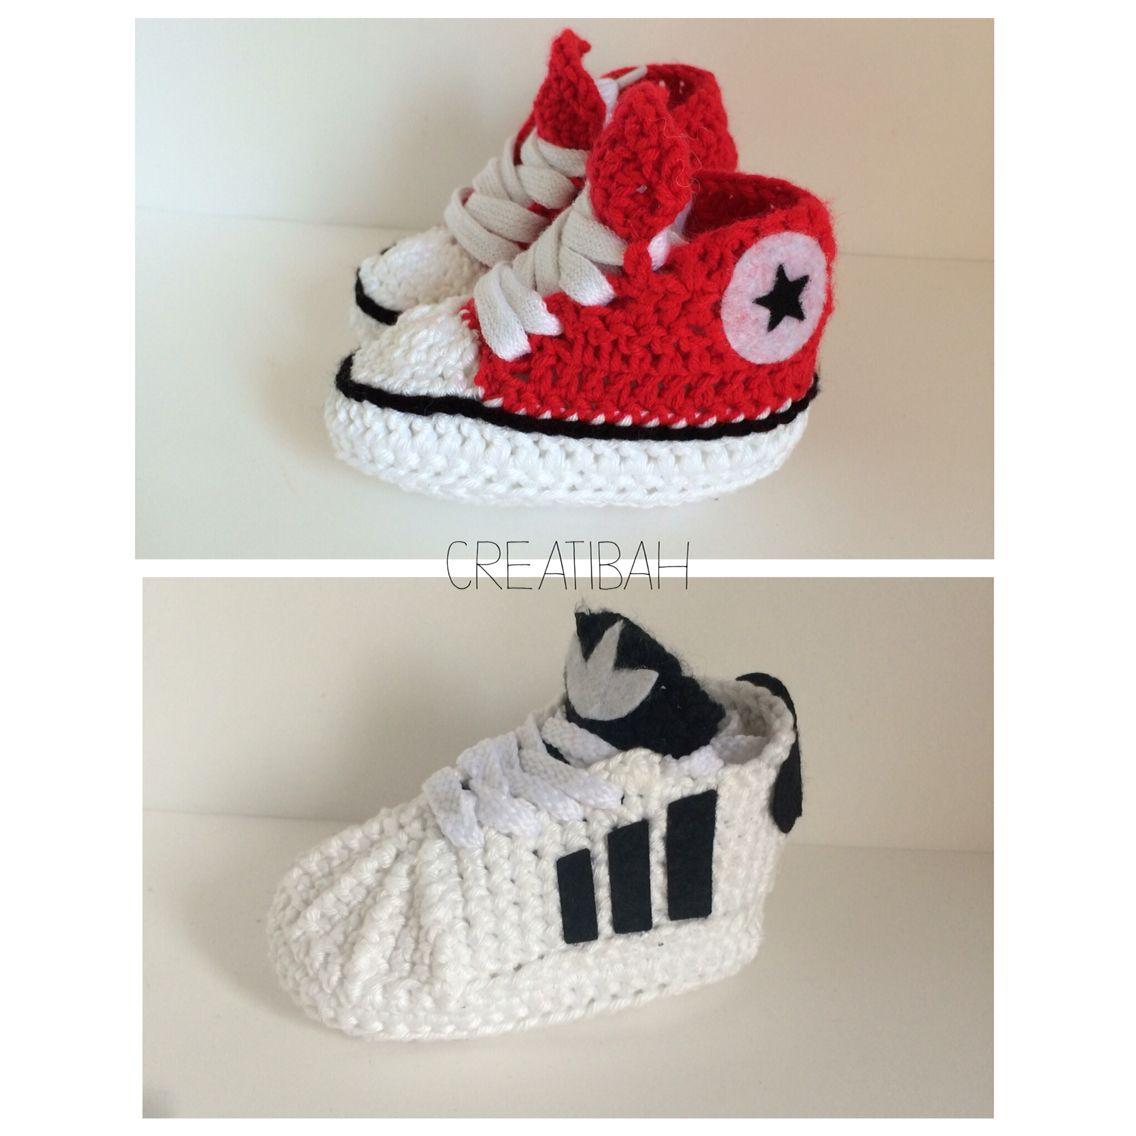 f8a7b8b65728 Patucos en crochet para bebés  patucos  crochet  ganchillo  handmade  bebes   baby  shoes  adidas  converse  babyfashion